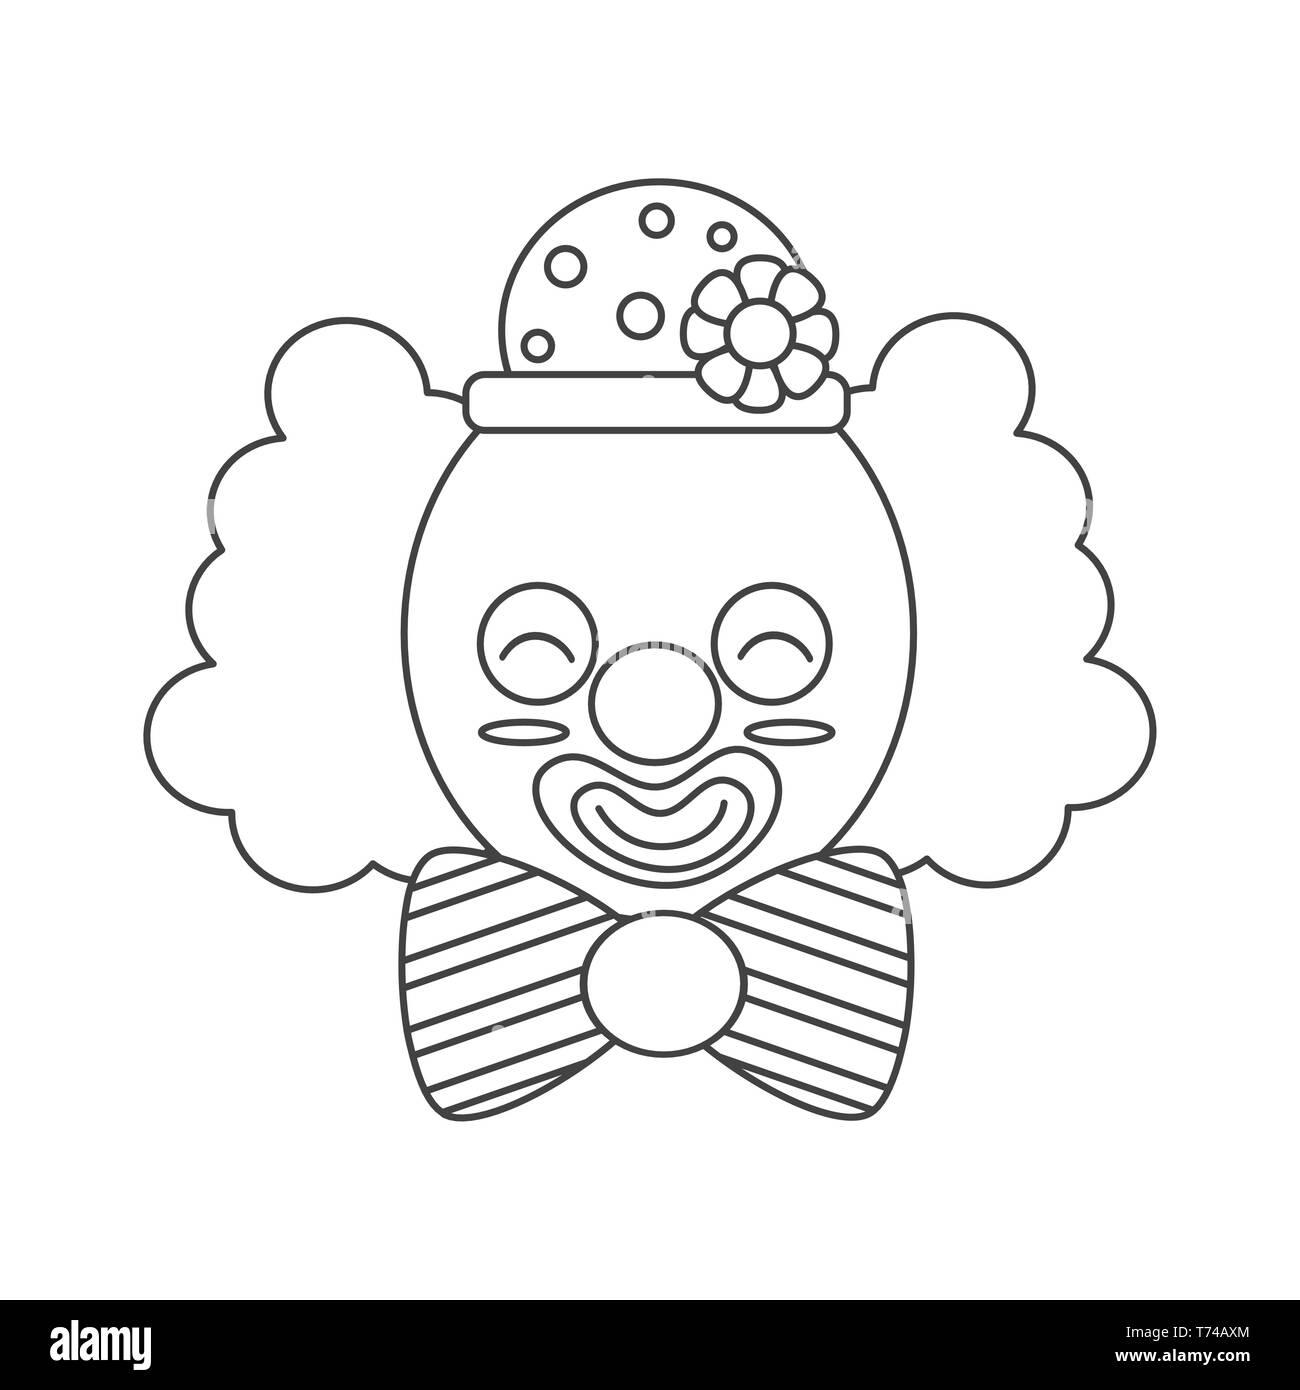 Caricatura En Blanco Y Negro Para Colorear La Ilustración